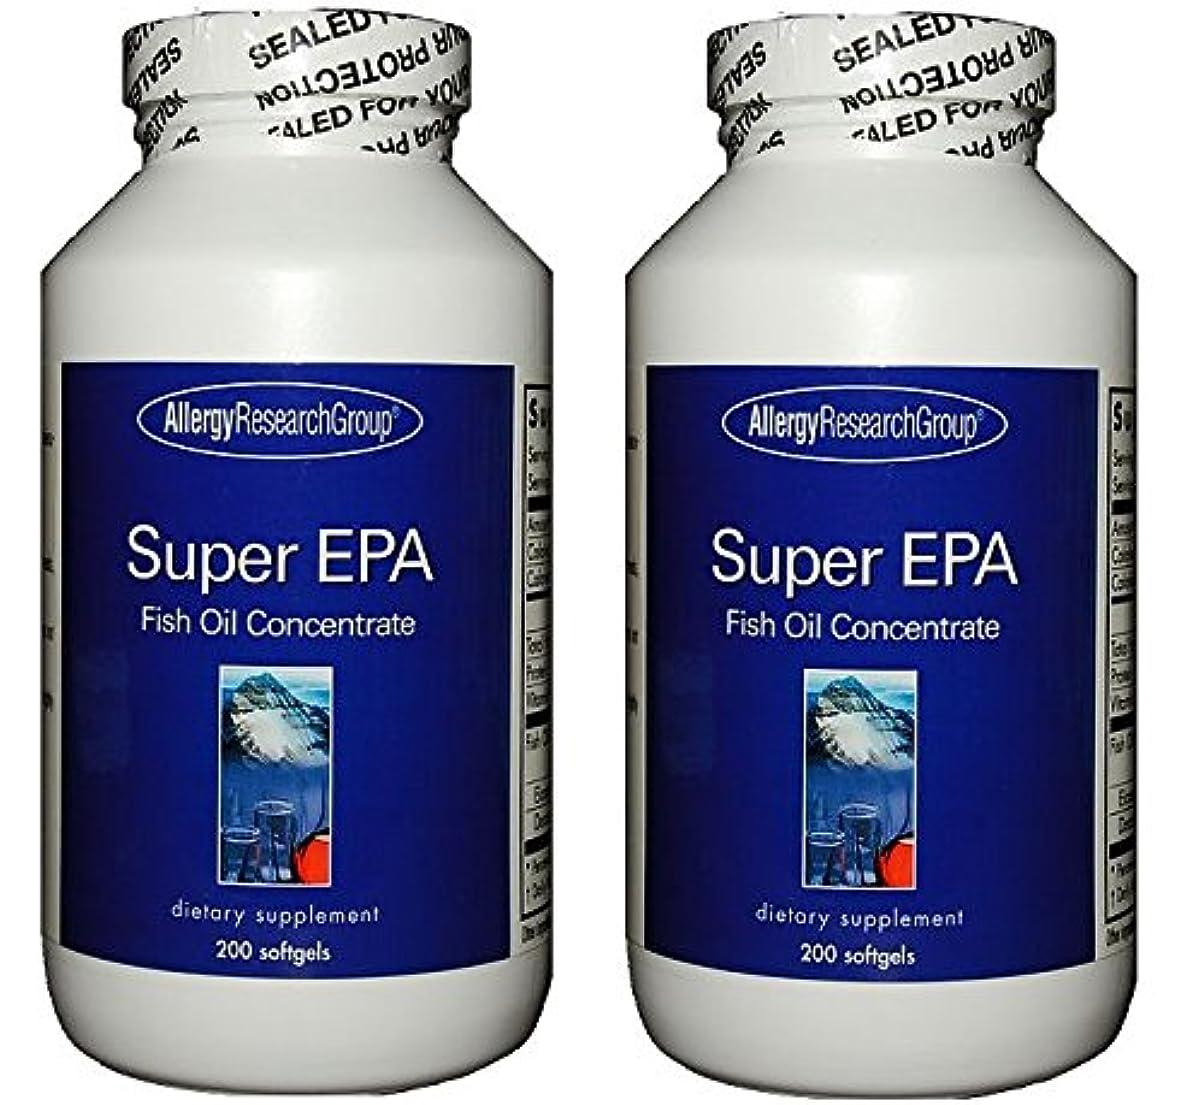 晩ごはんレビューチョークスーパーEPA & DHA  200ソフトカプセル (Super EPA Fish Oil Concentrate 200 softgels) [海外直送品] 2ボトル